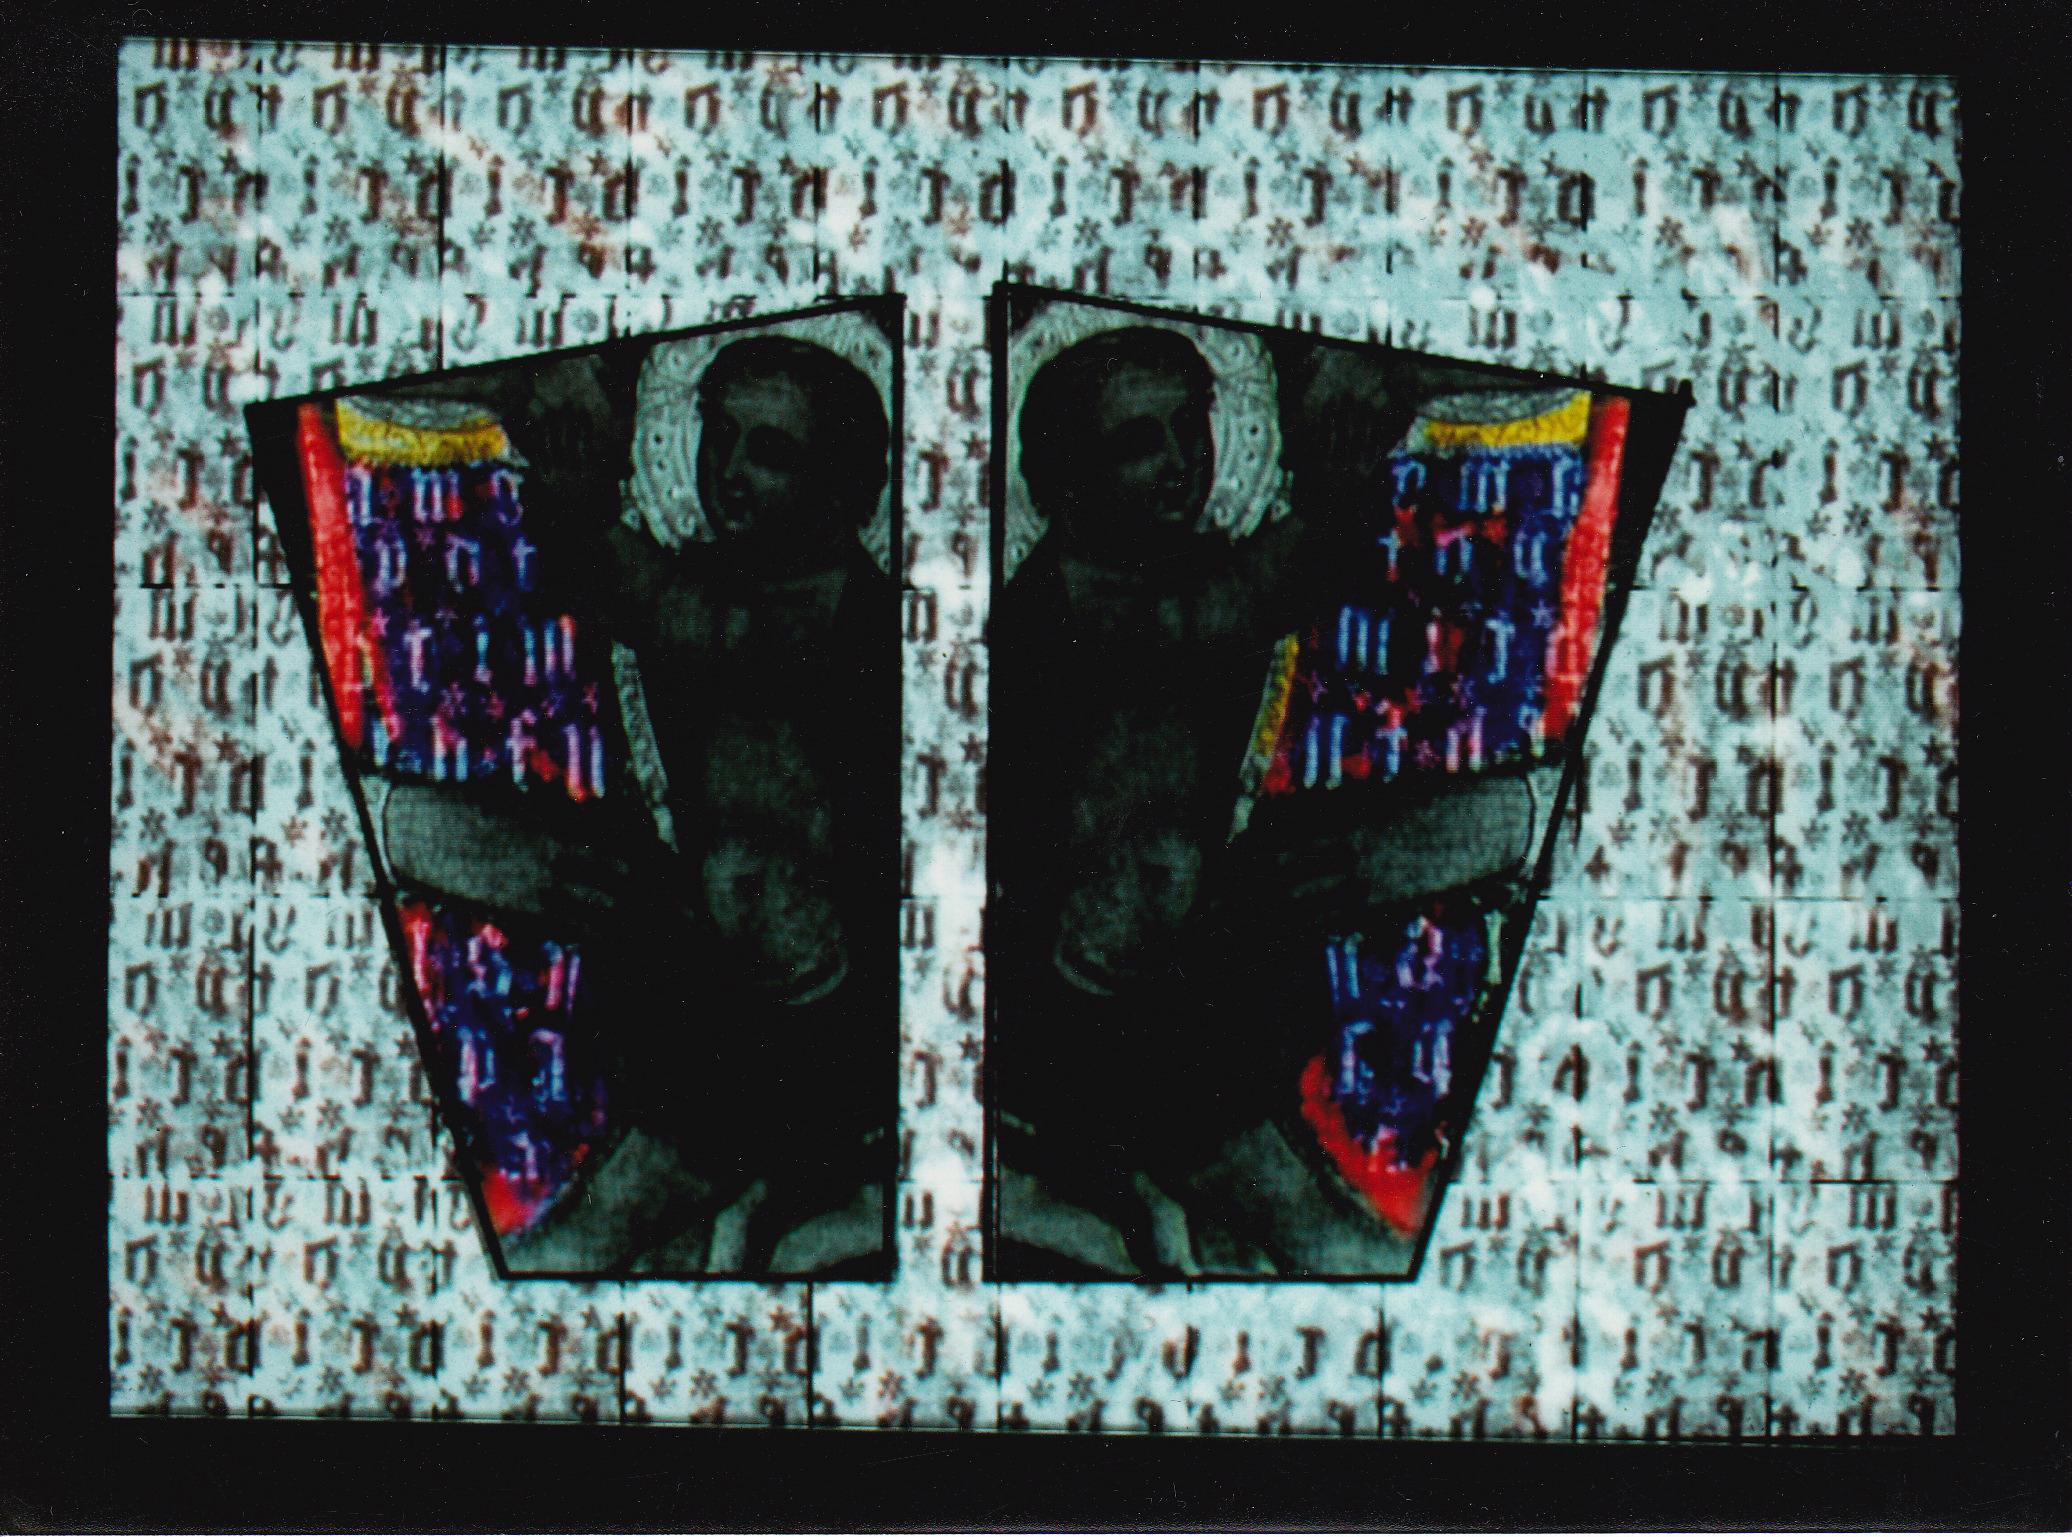 la mémoire de l'histoire rencontre la mémoire de l'ordinateur _0012.jpg